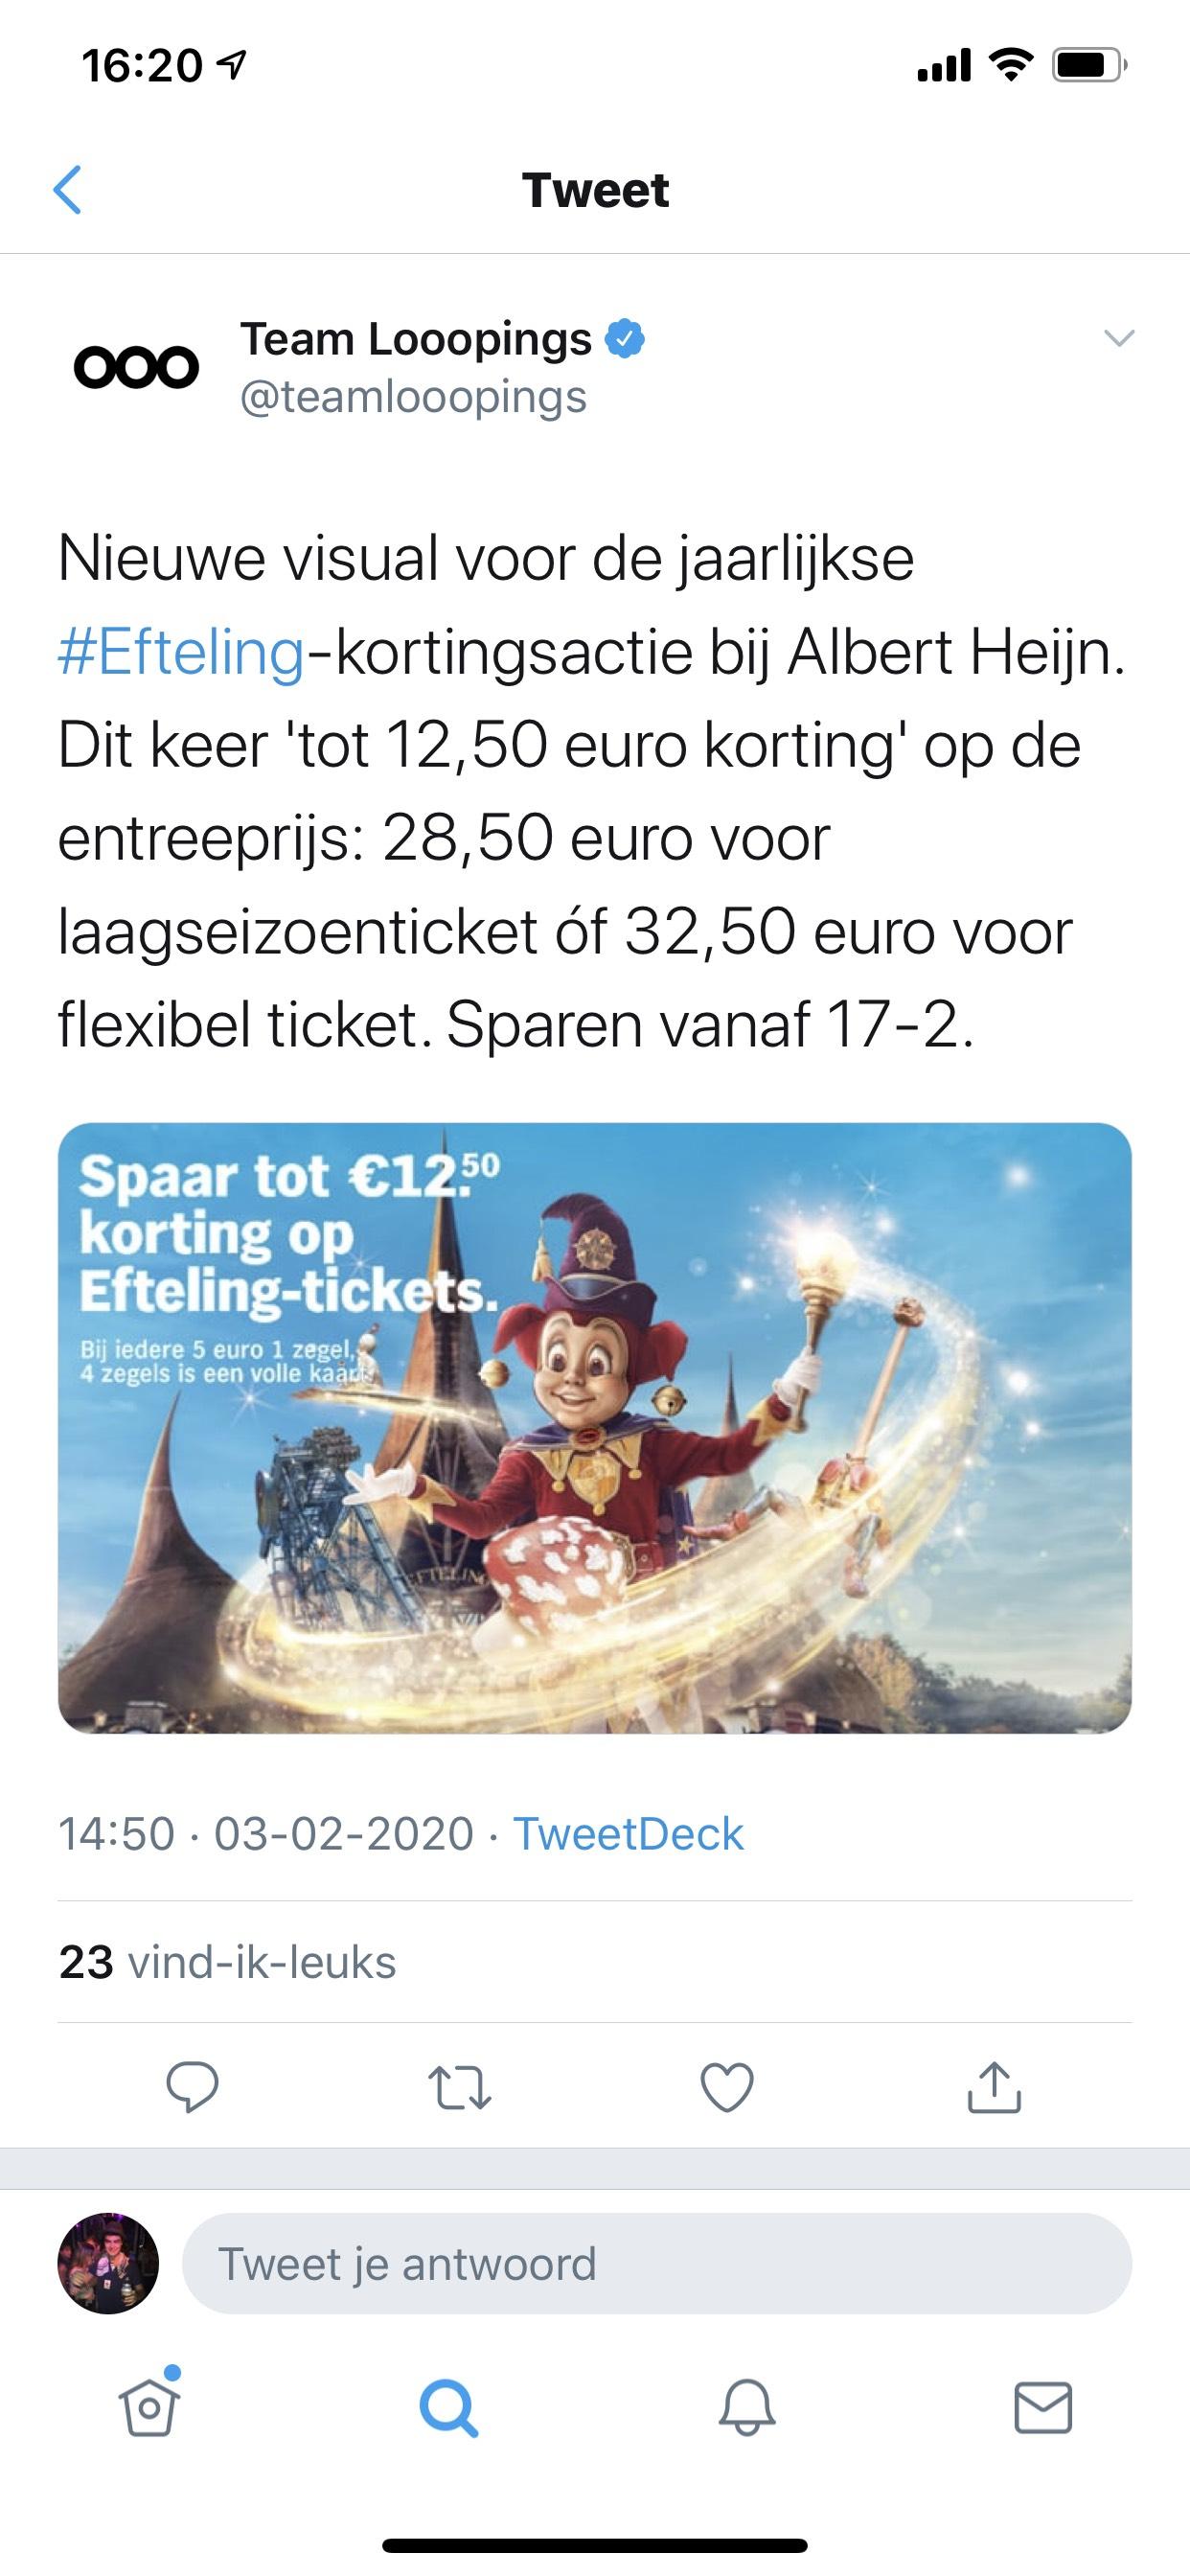 Efteling tickets, tot 12,50 korting bij Albert Heijn